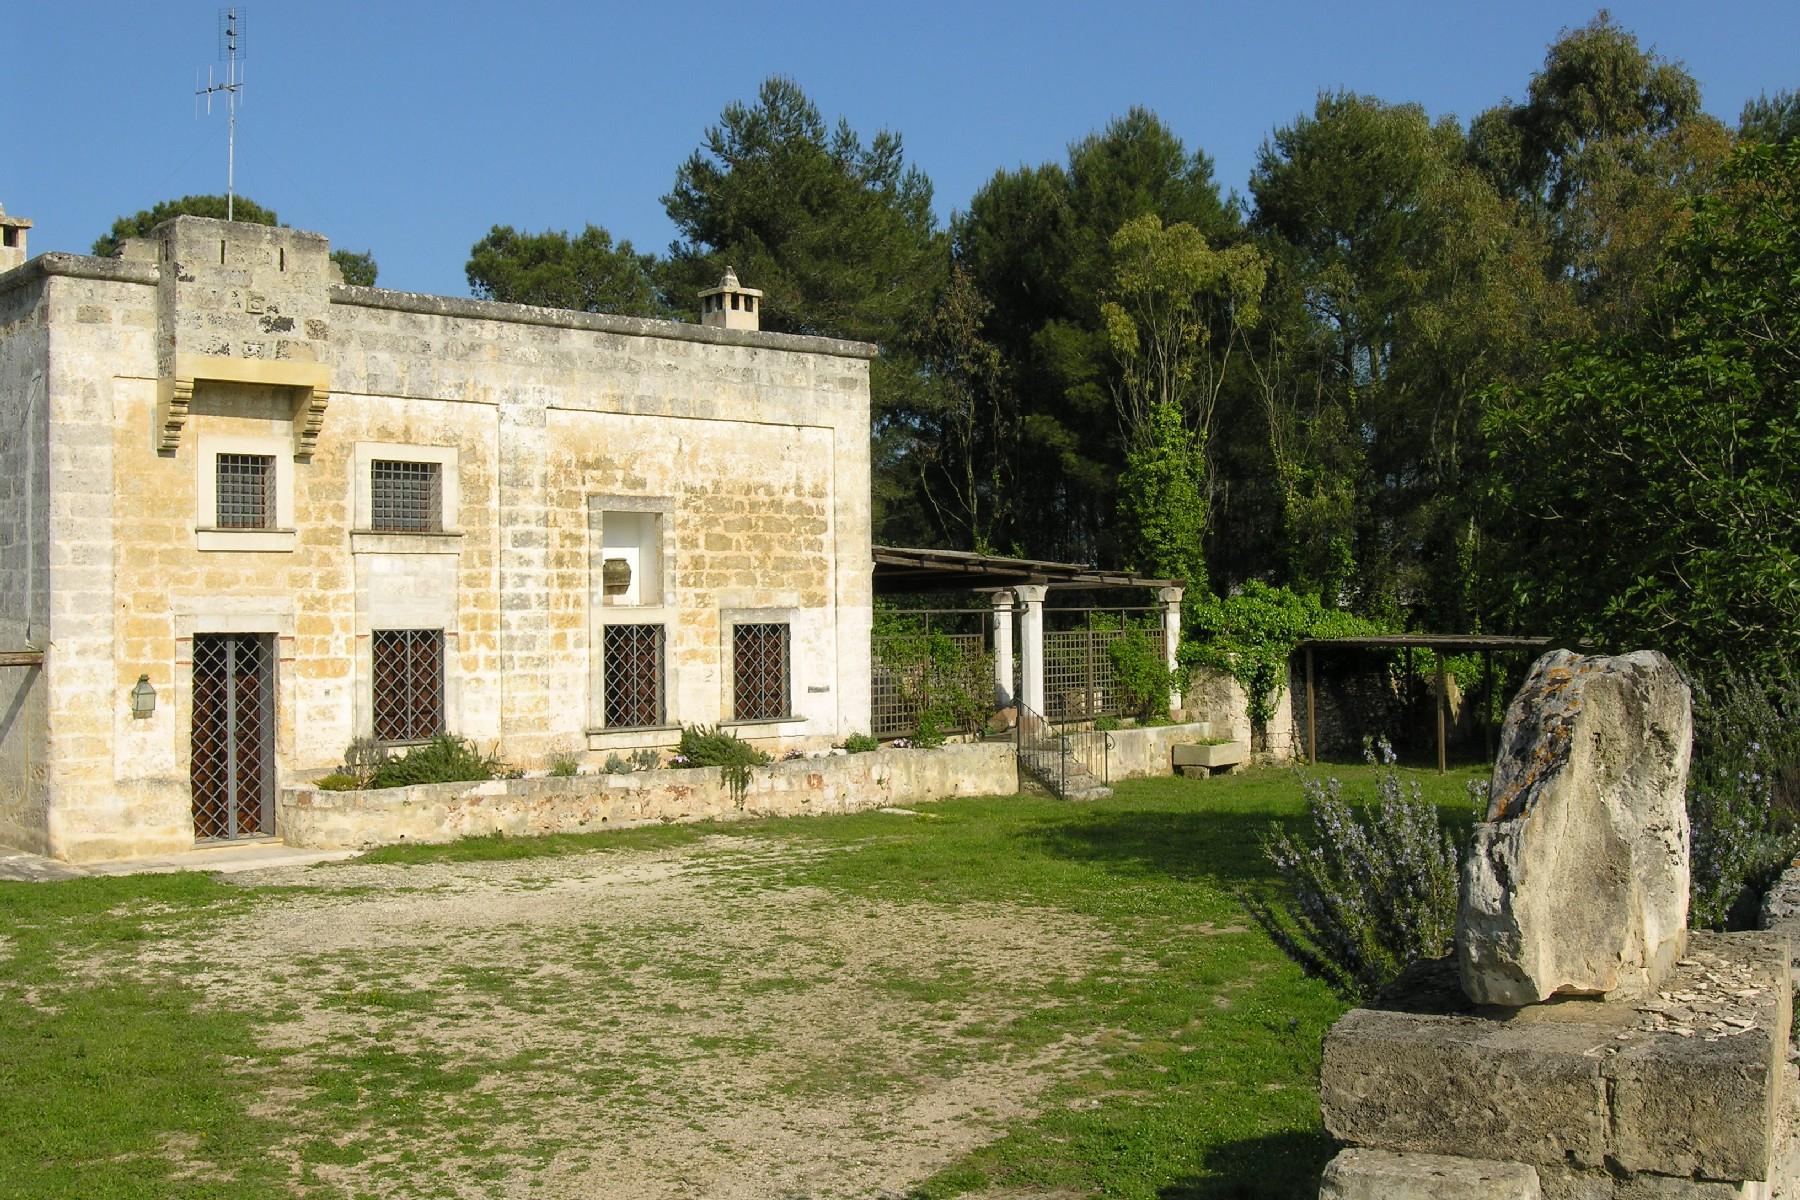 Casa indipendente in Vendita a Tricase: 5 locali, 600 mq - Foto 2